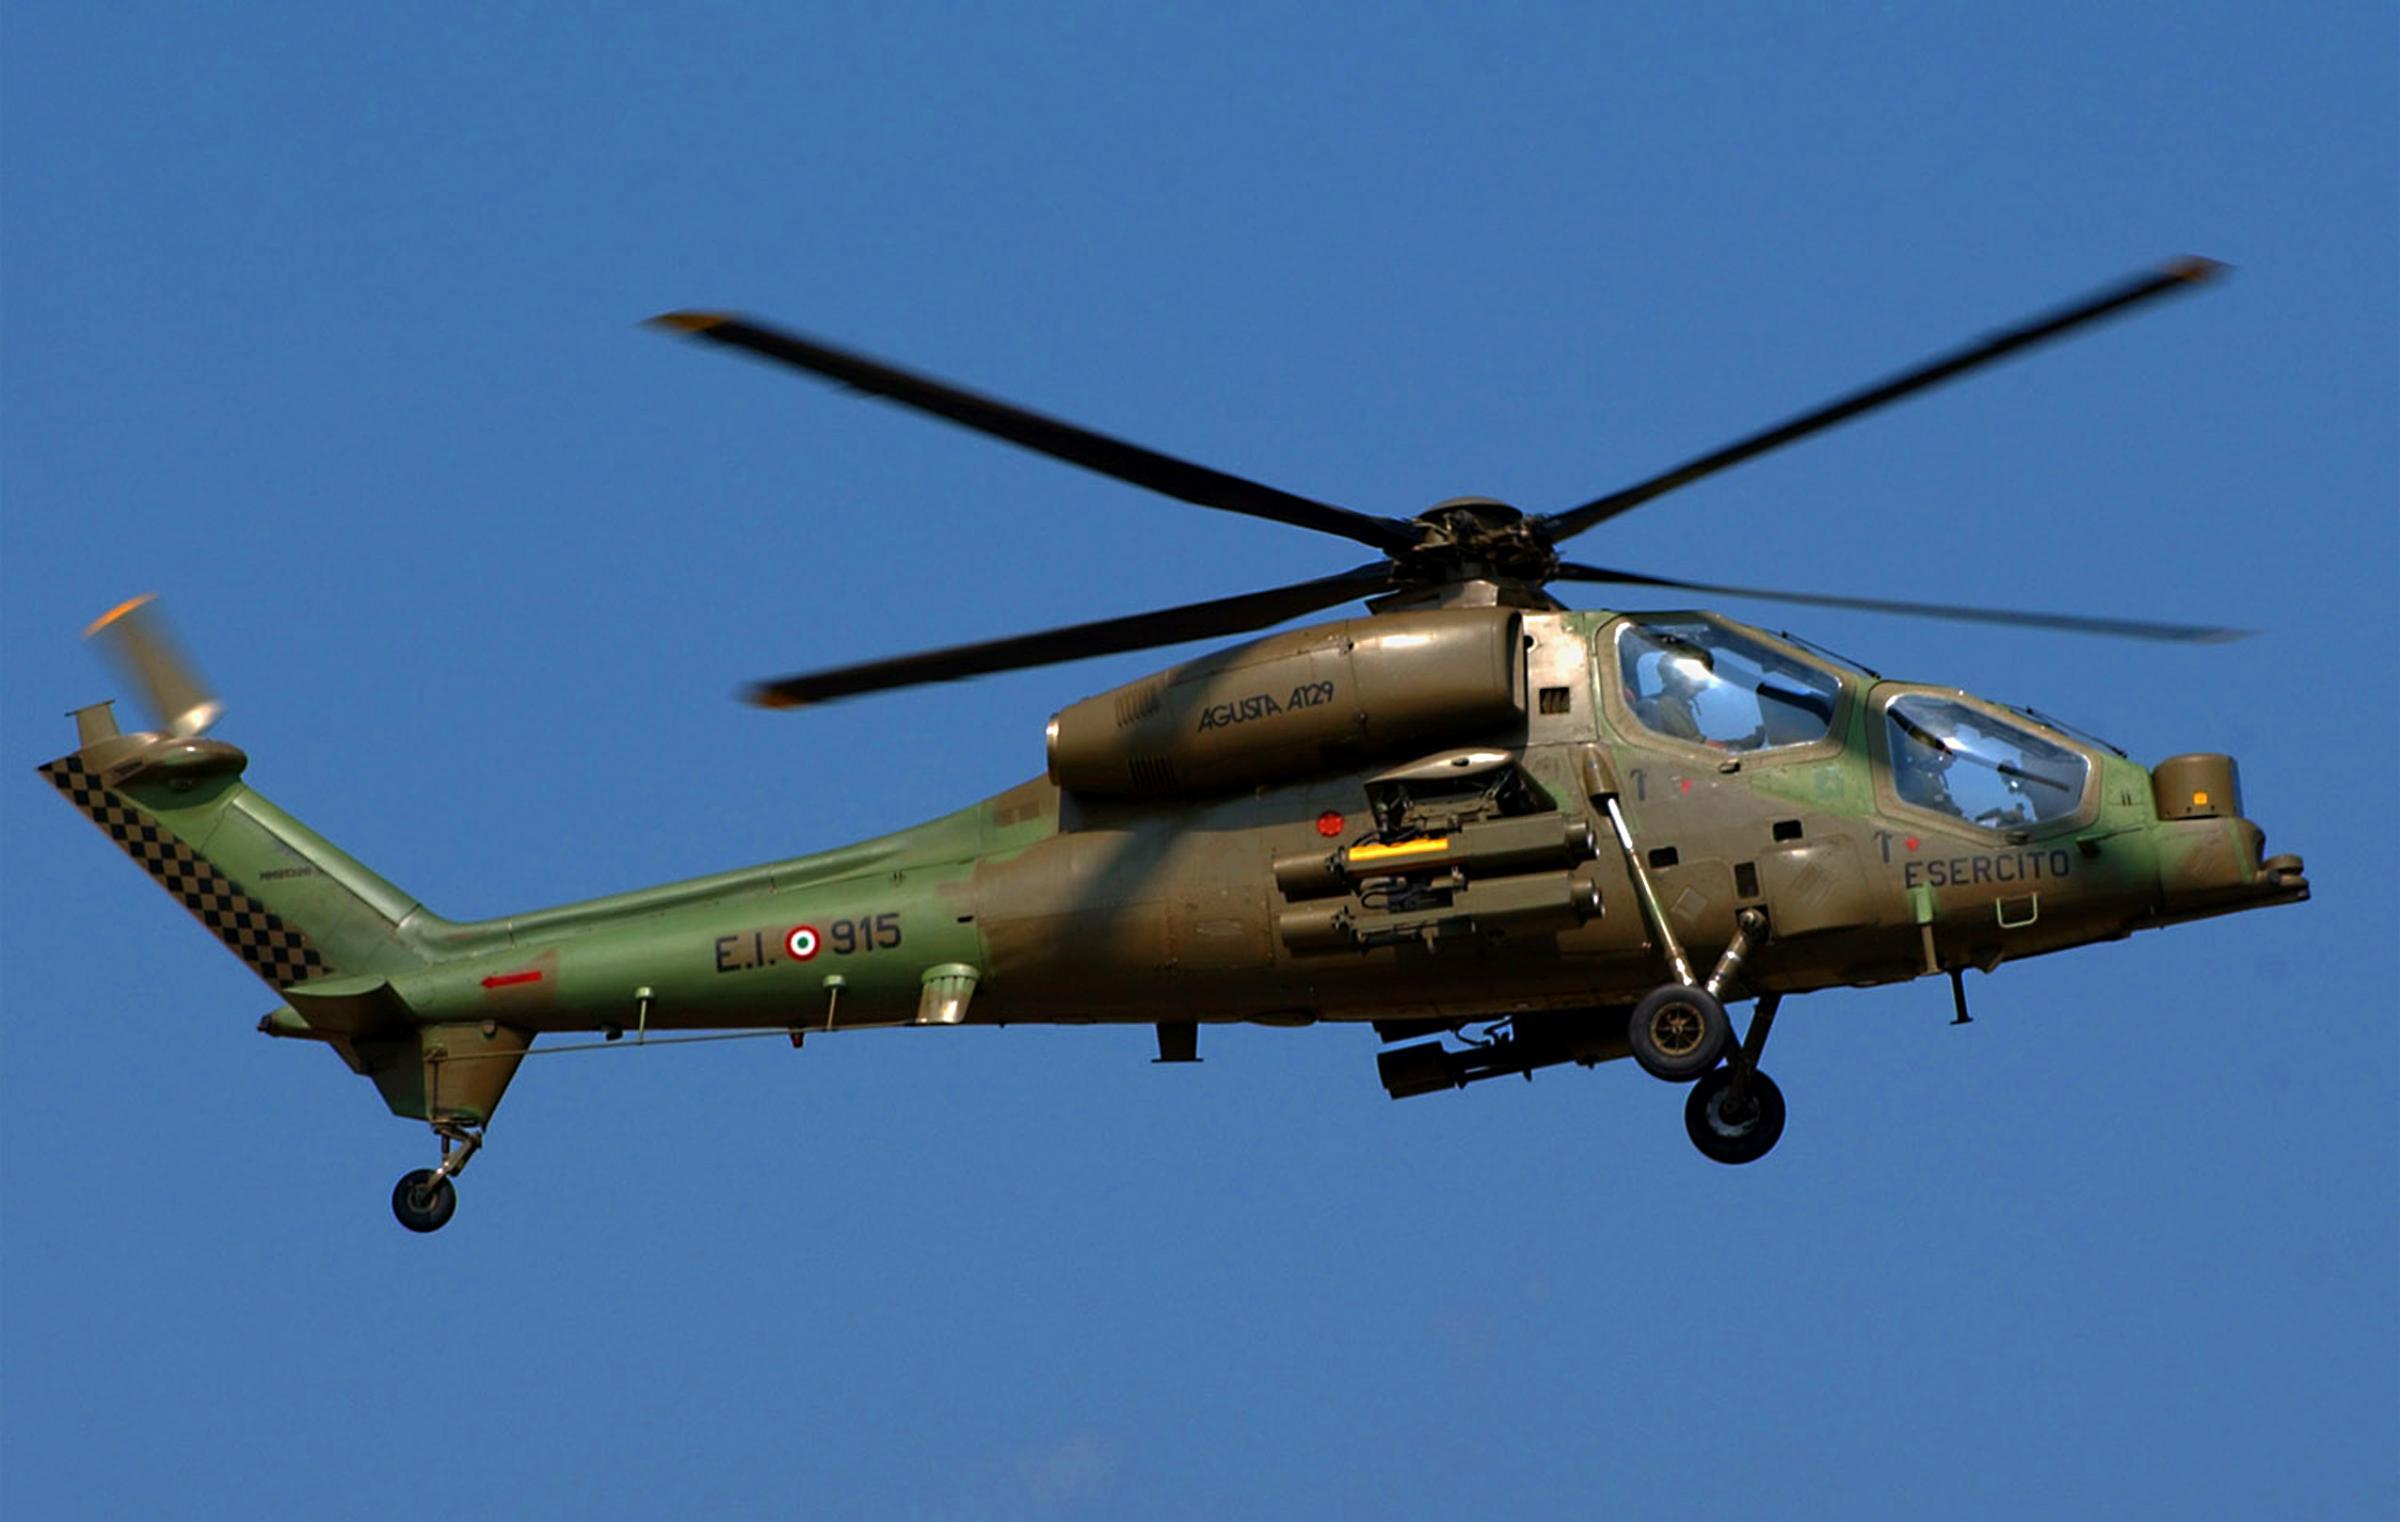 Elicottero Quanto Consuma : Viterbo precipita elicottero dell esercito due morti